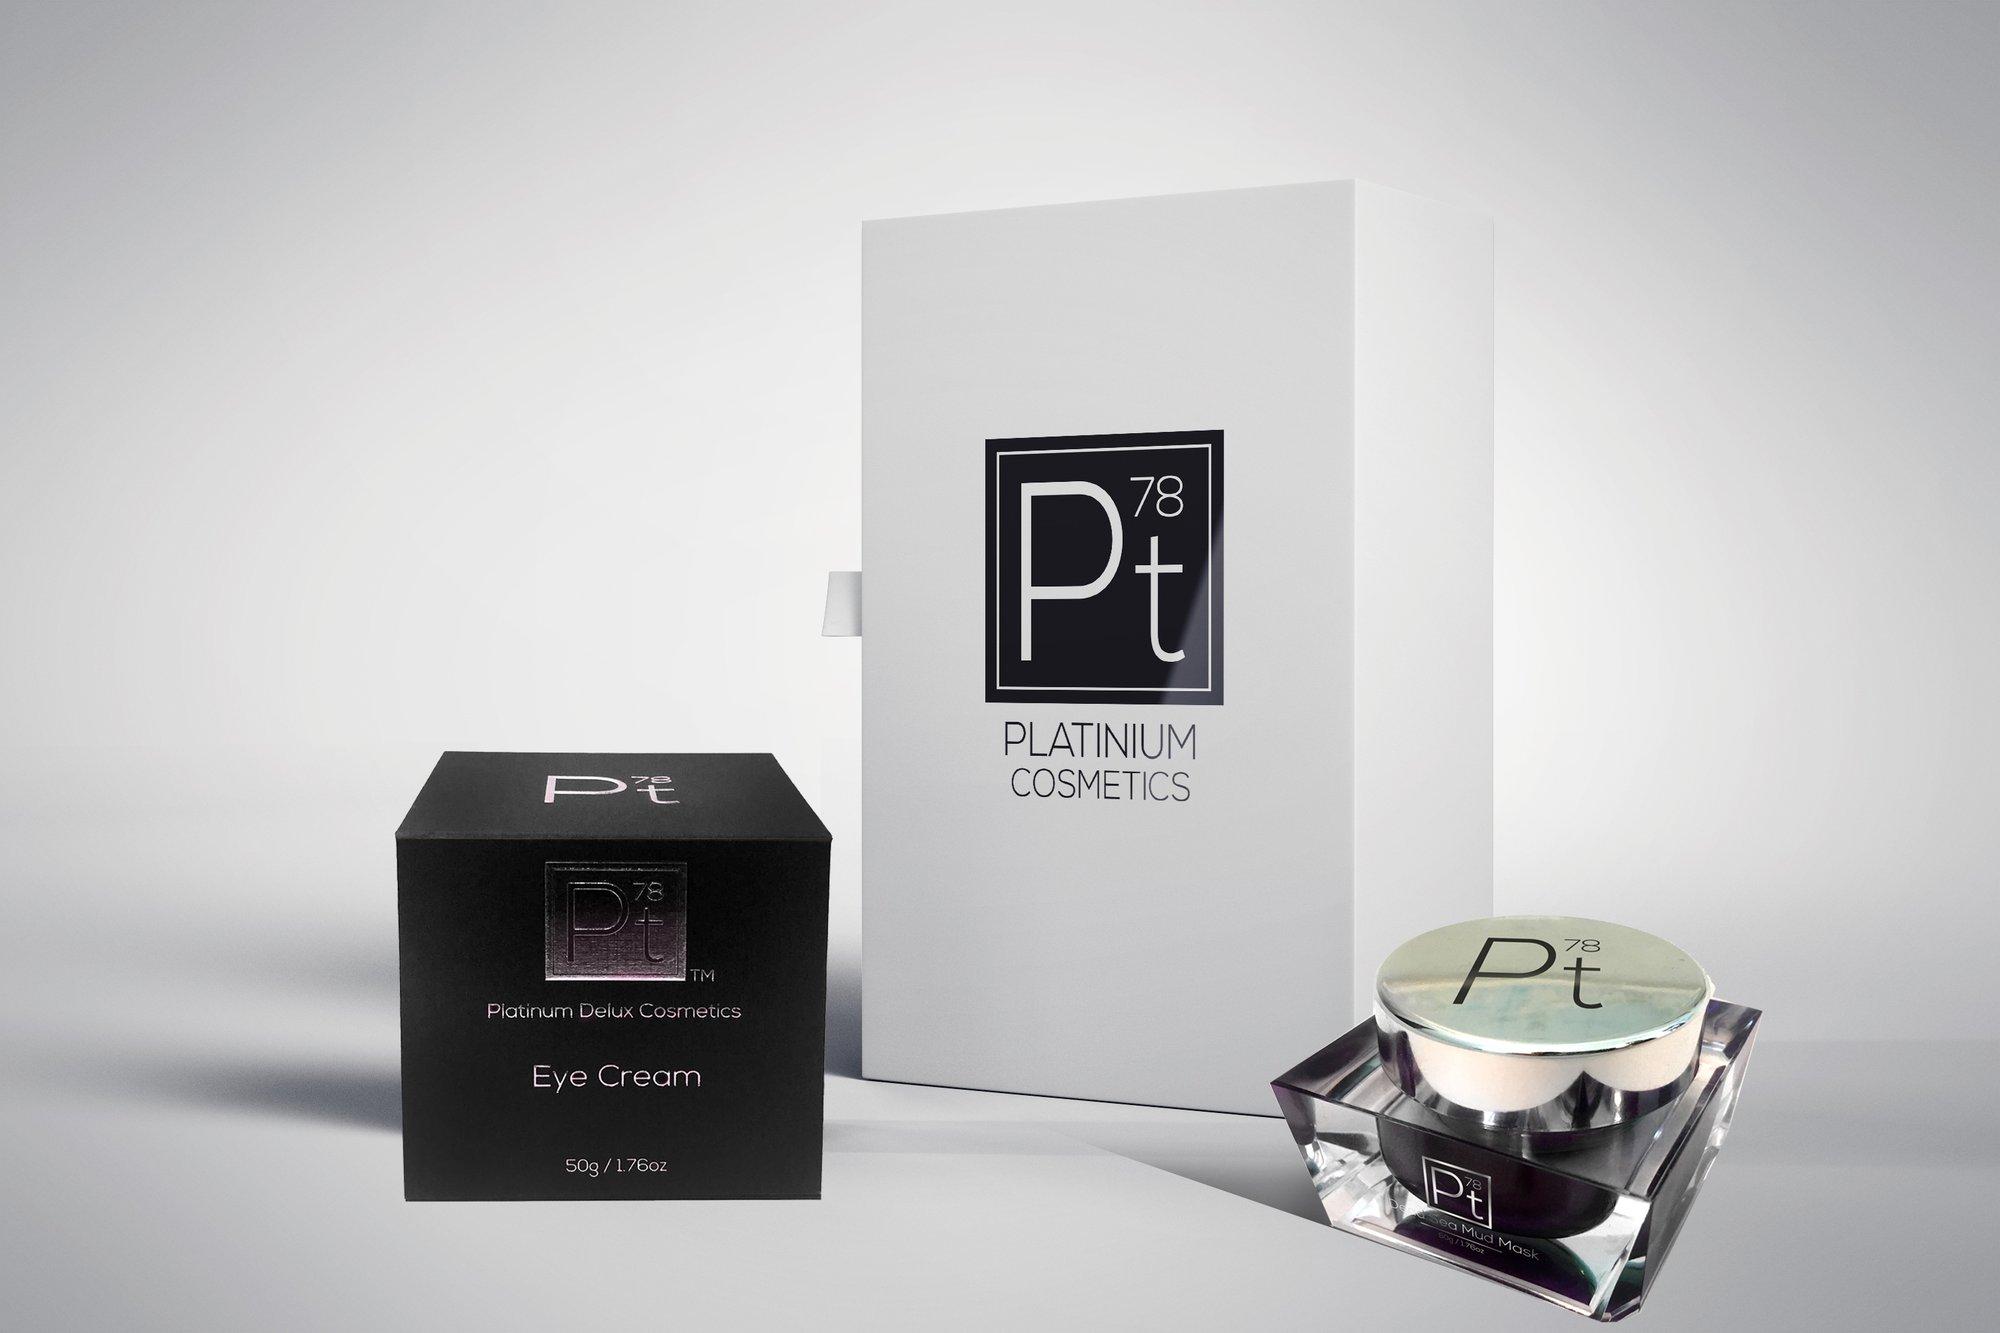 Platinum Deluxe cosmetics